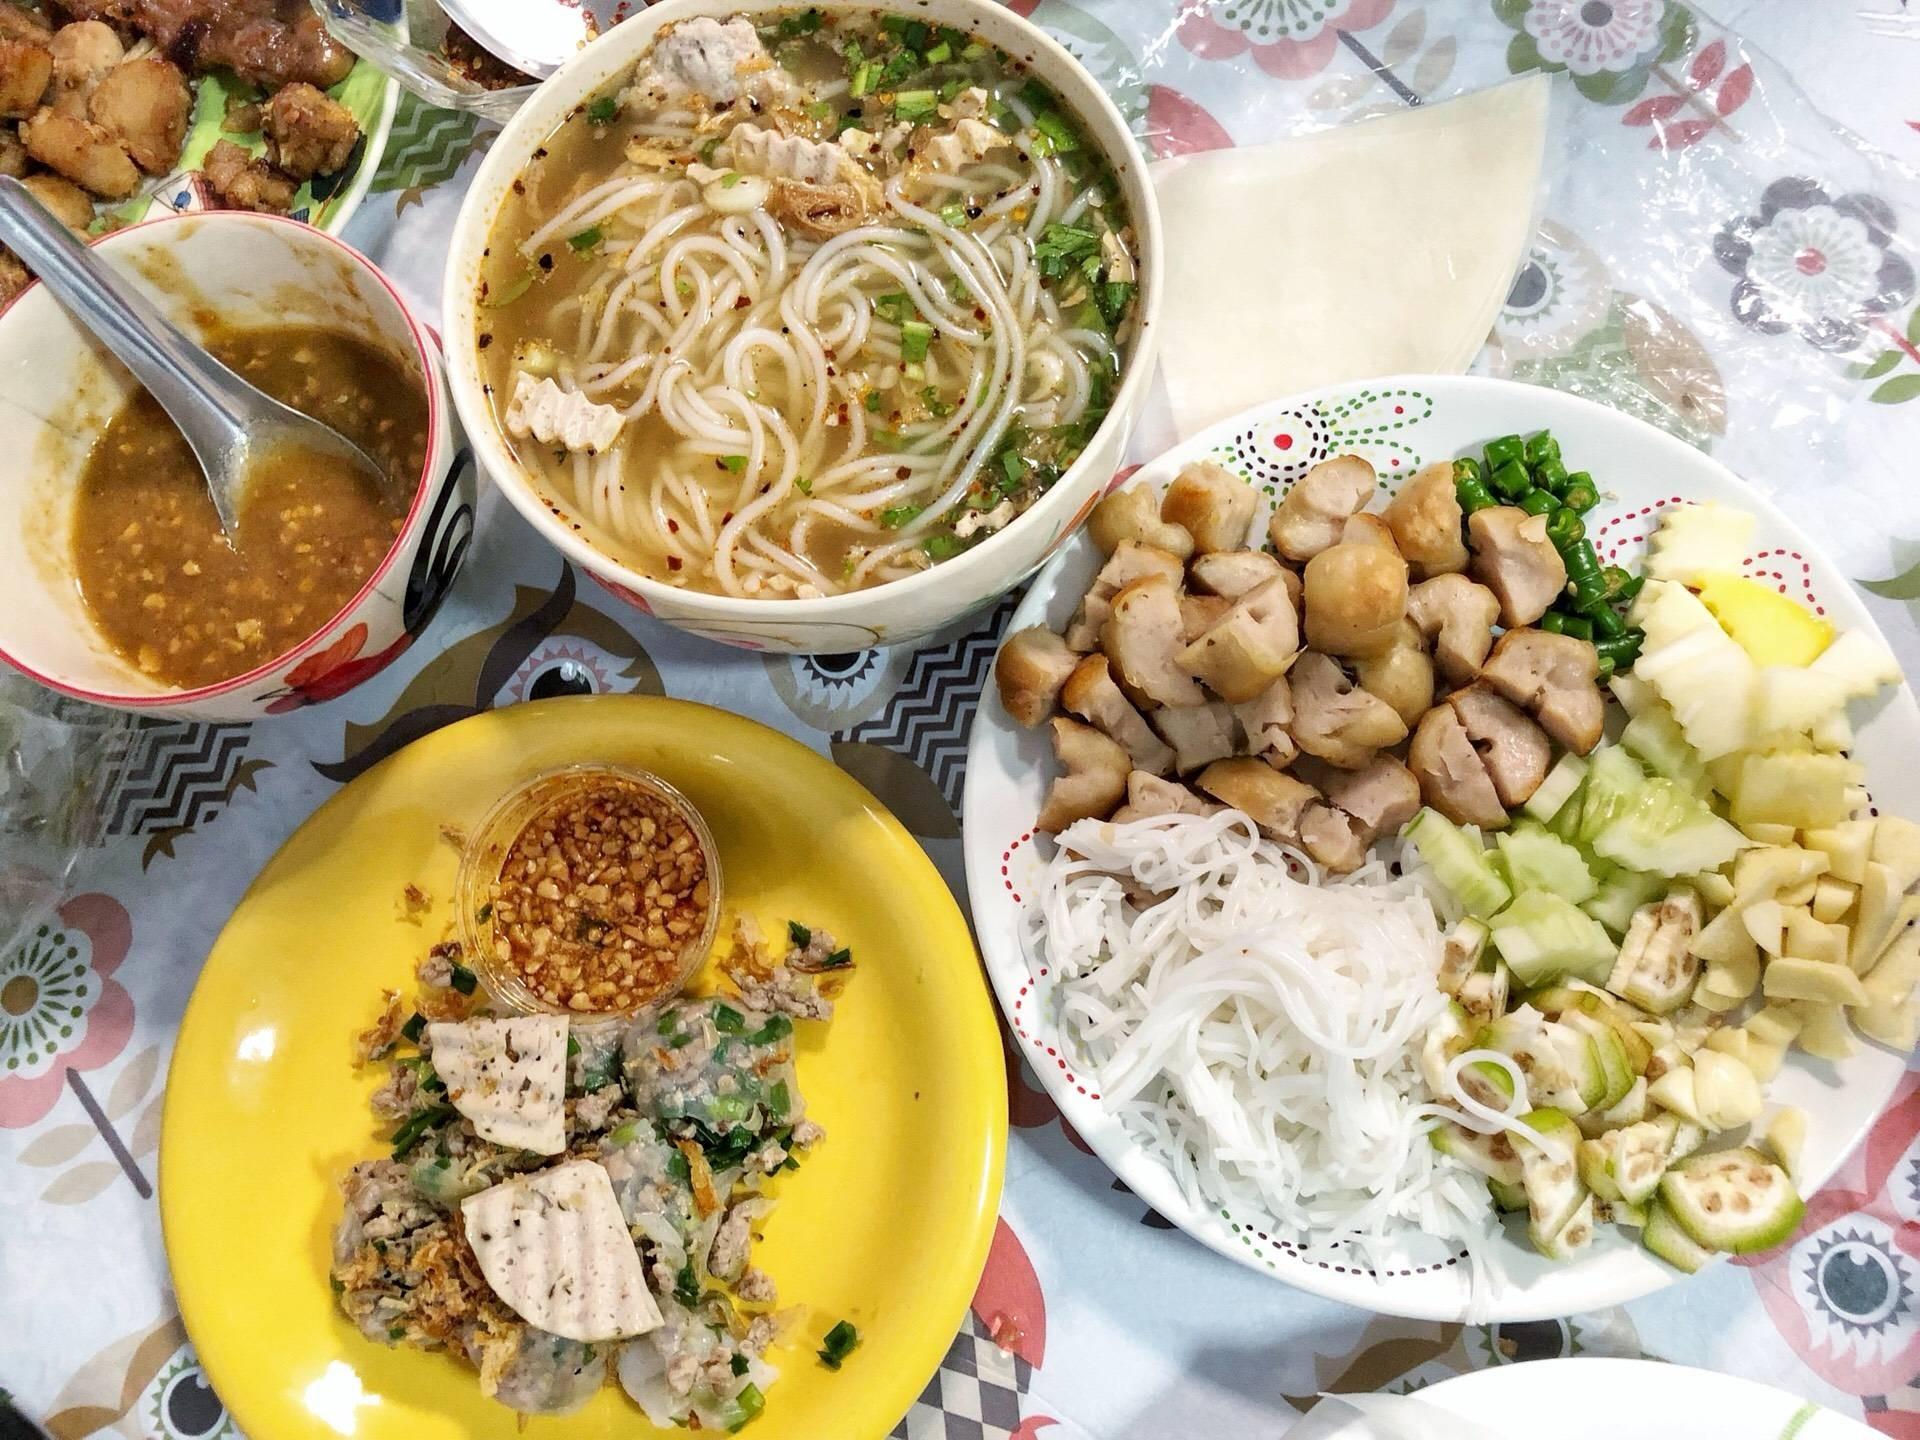 ทิพวรรณ อาหารเวียดนาม บางเขน